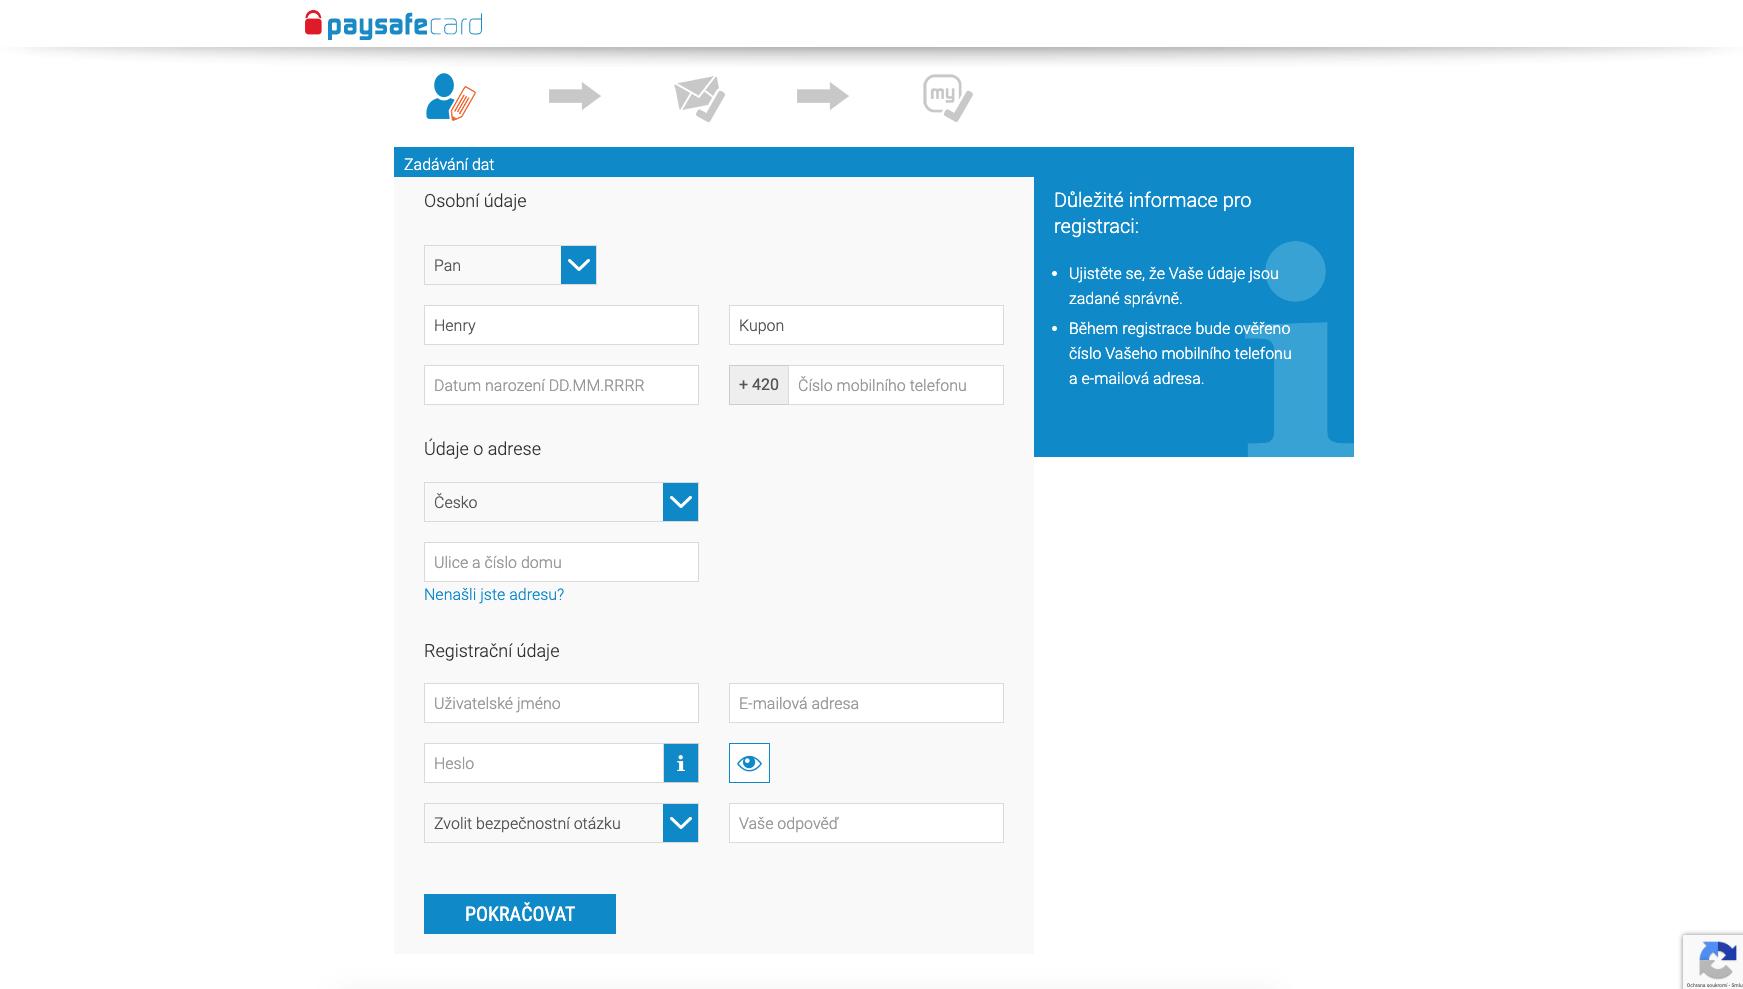 Formulář pro zadání údajů při registraci nového my paysafecard účtu